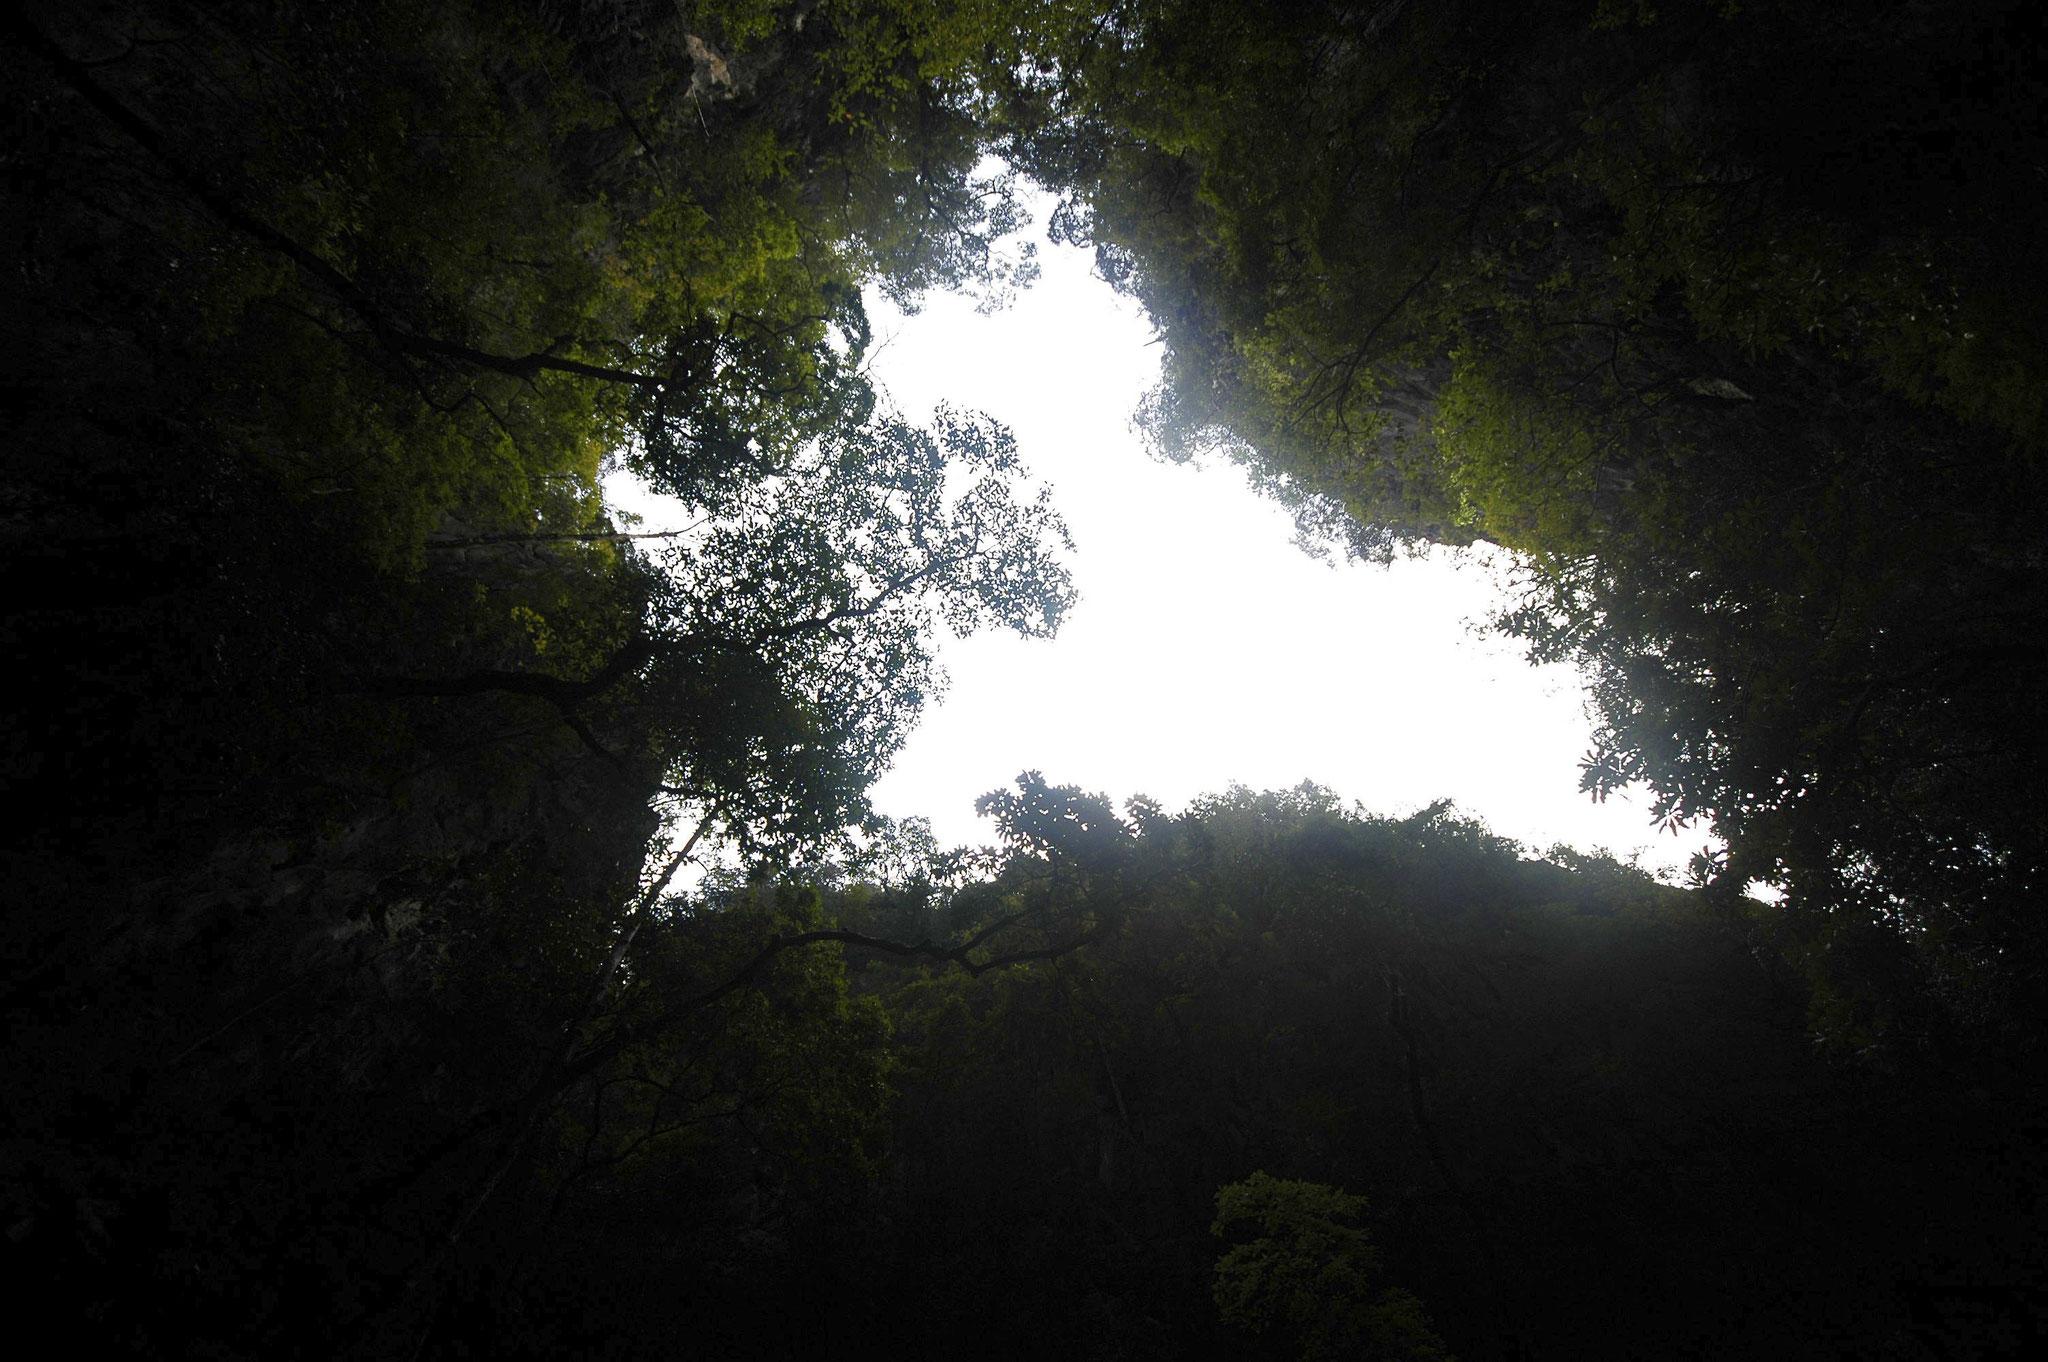 Мы заплываем в неведомые и тёмные полупещеры, из которых едва видно небо...